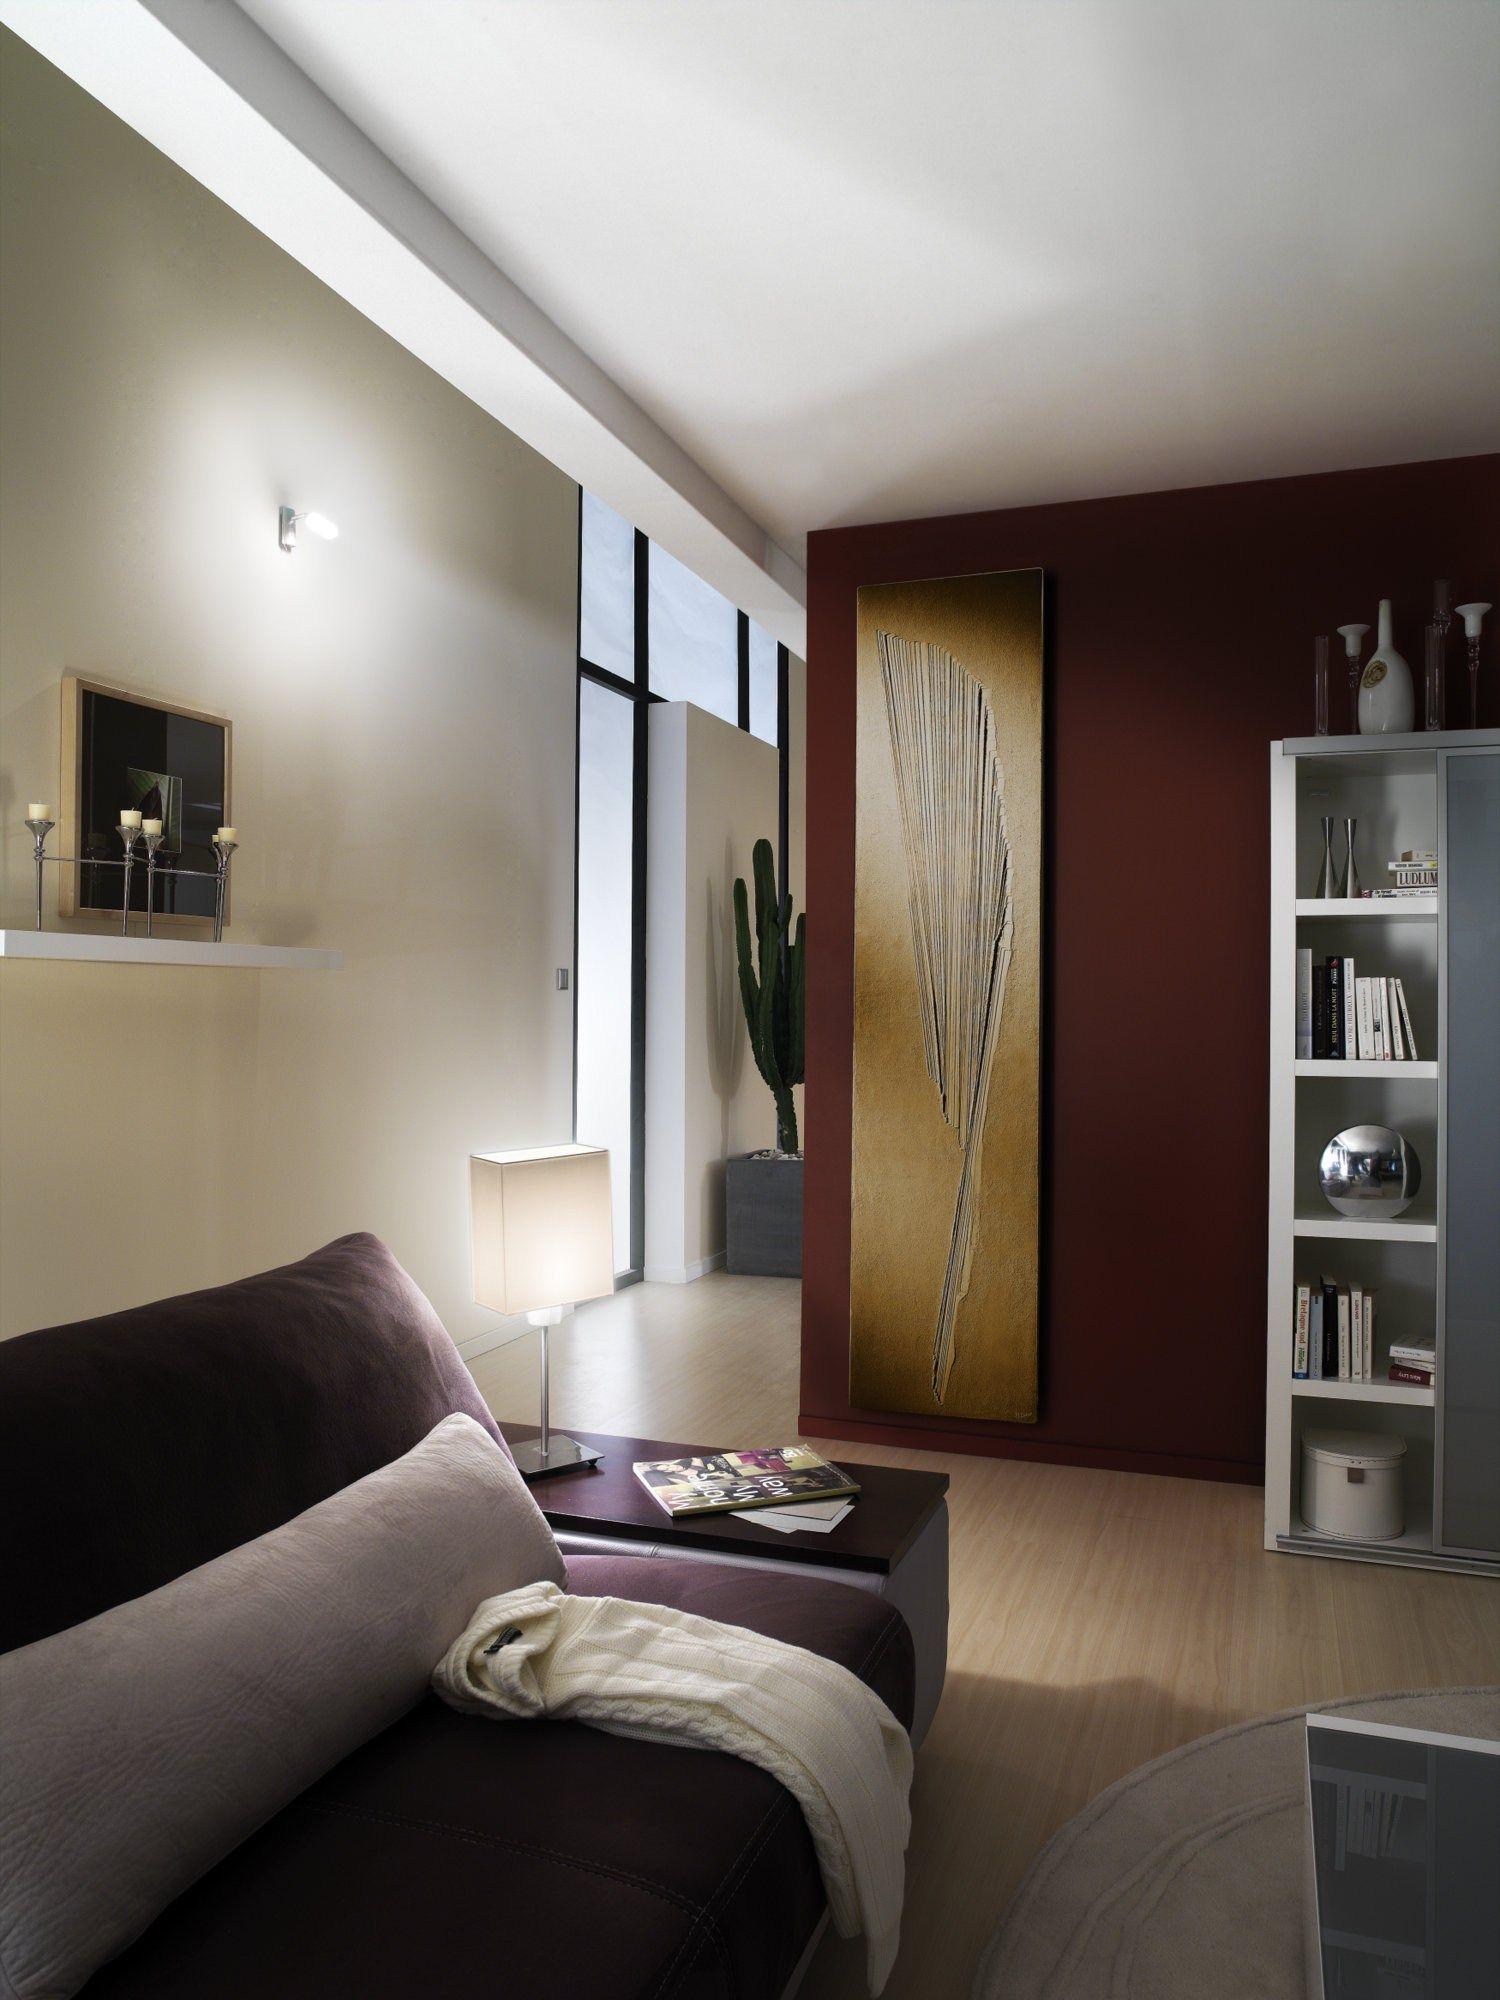 Radiateur décoratif à panneau vertical en Olycale